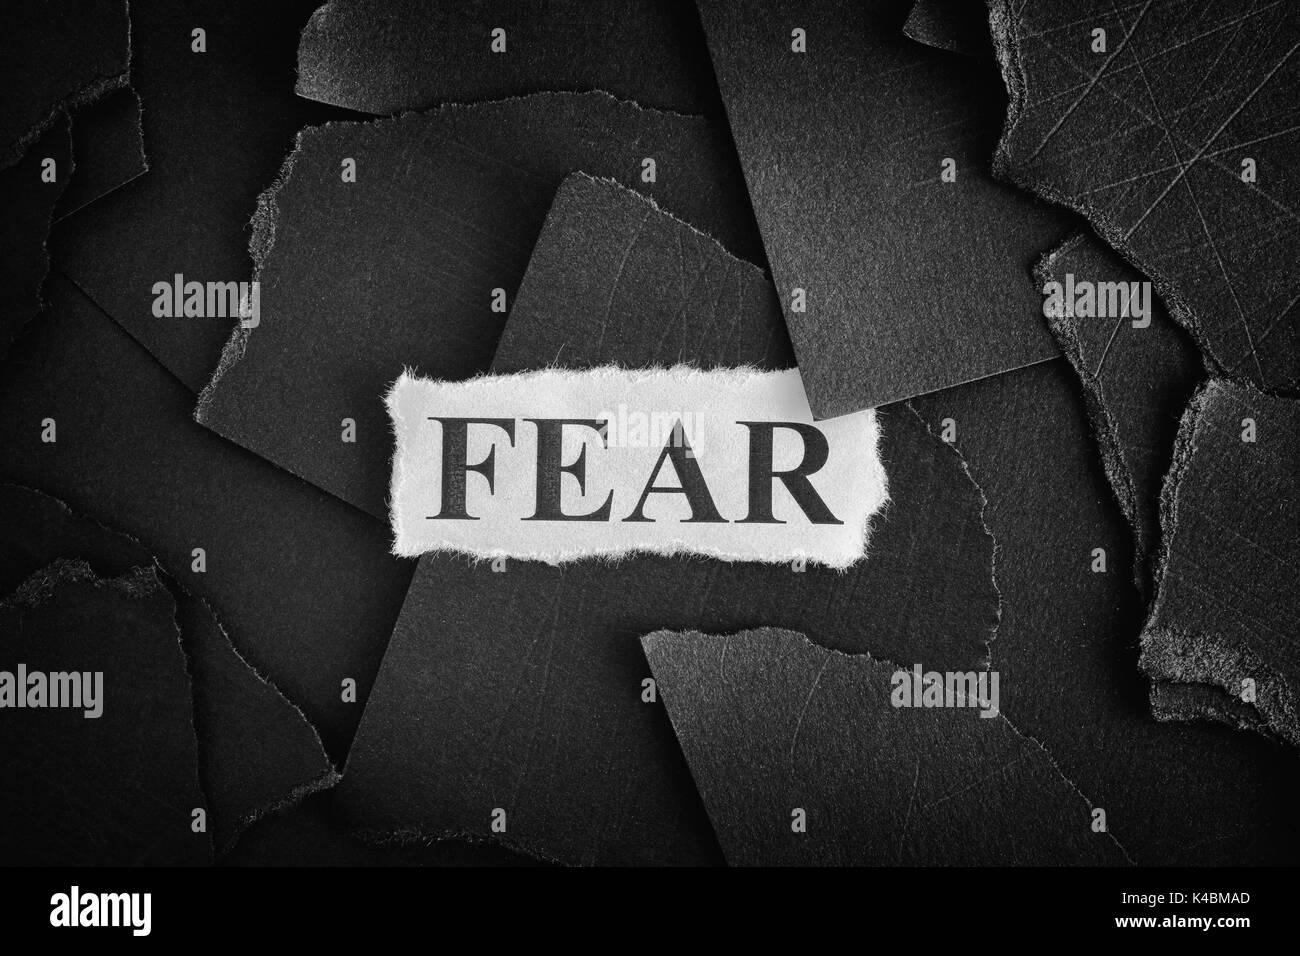 Angst. Papierreste aus schwarzem Papier und Wort Angst. Konzept Bild. Schwarz und Weiß. Nahaufnahme. Stockbild